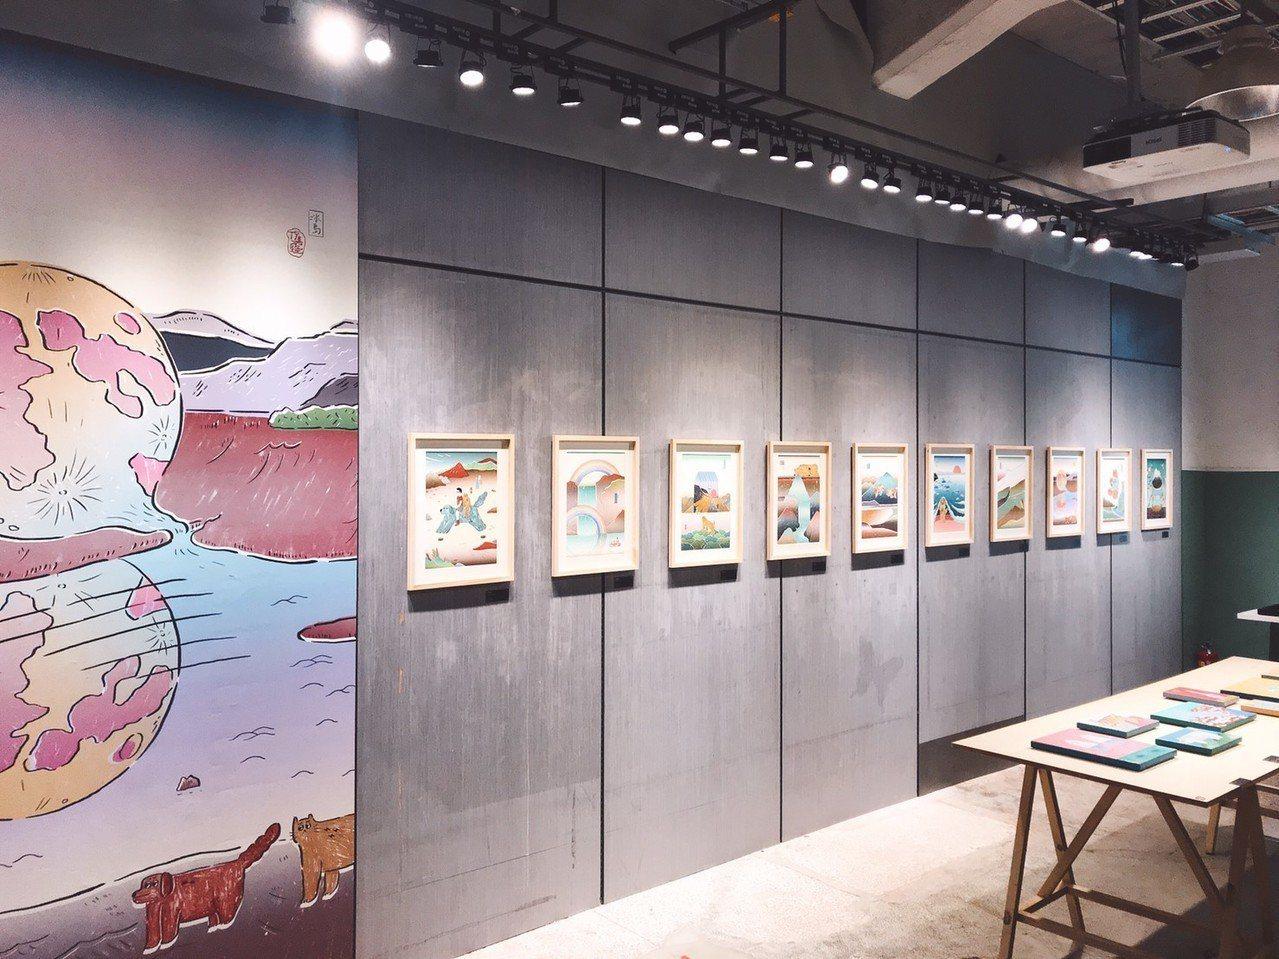 「我的秘密在浪漫的時候公開」倪嘉隆創作個展,圖/聯合數位文創提供